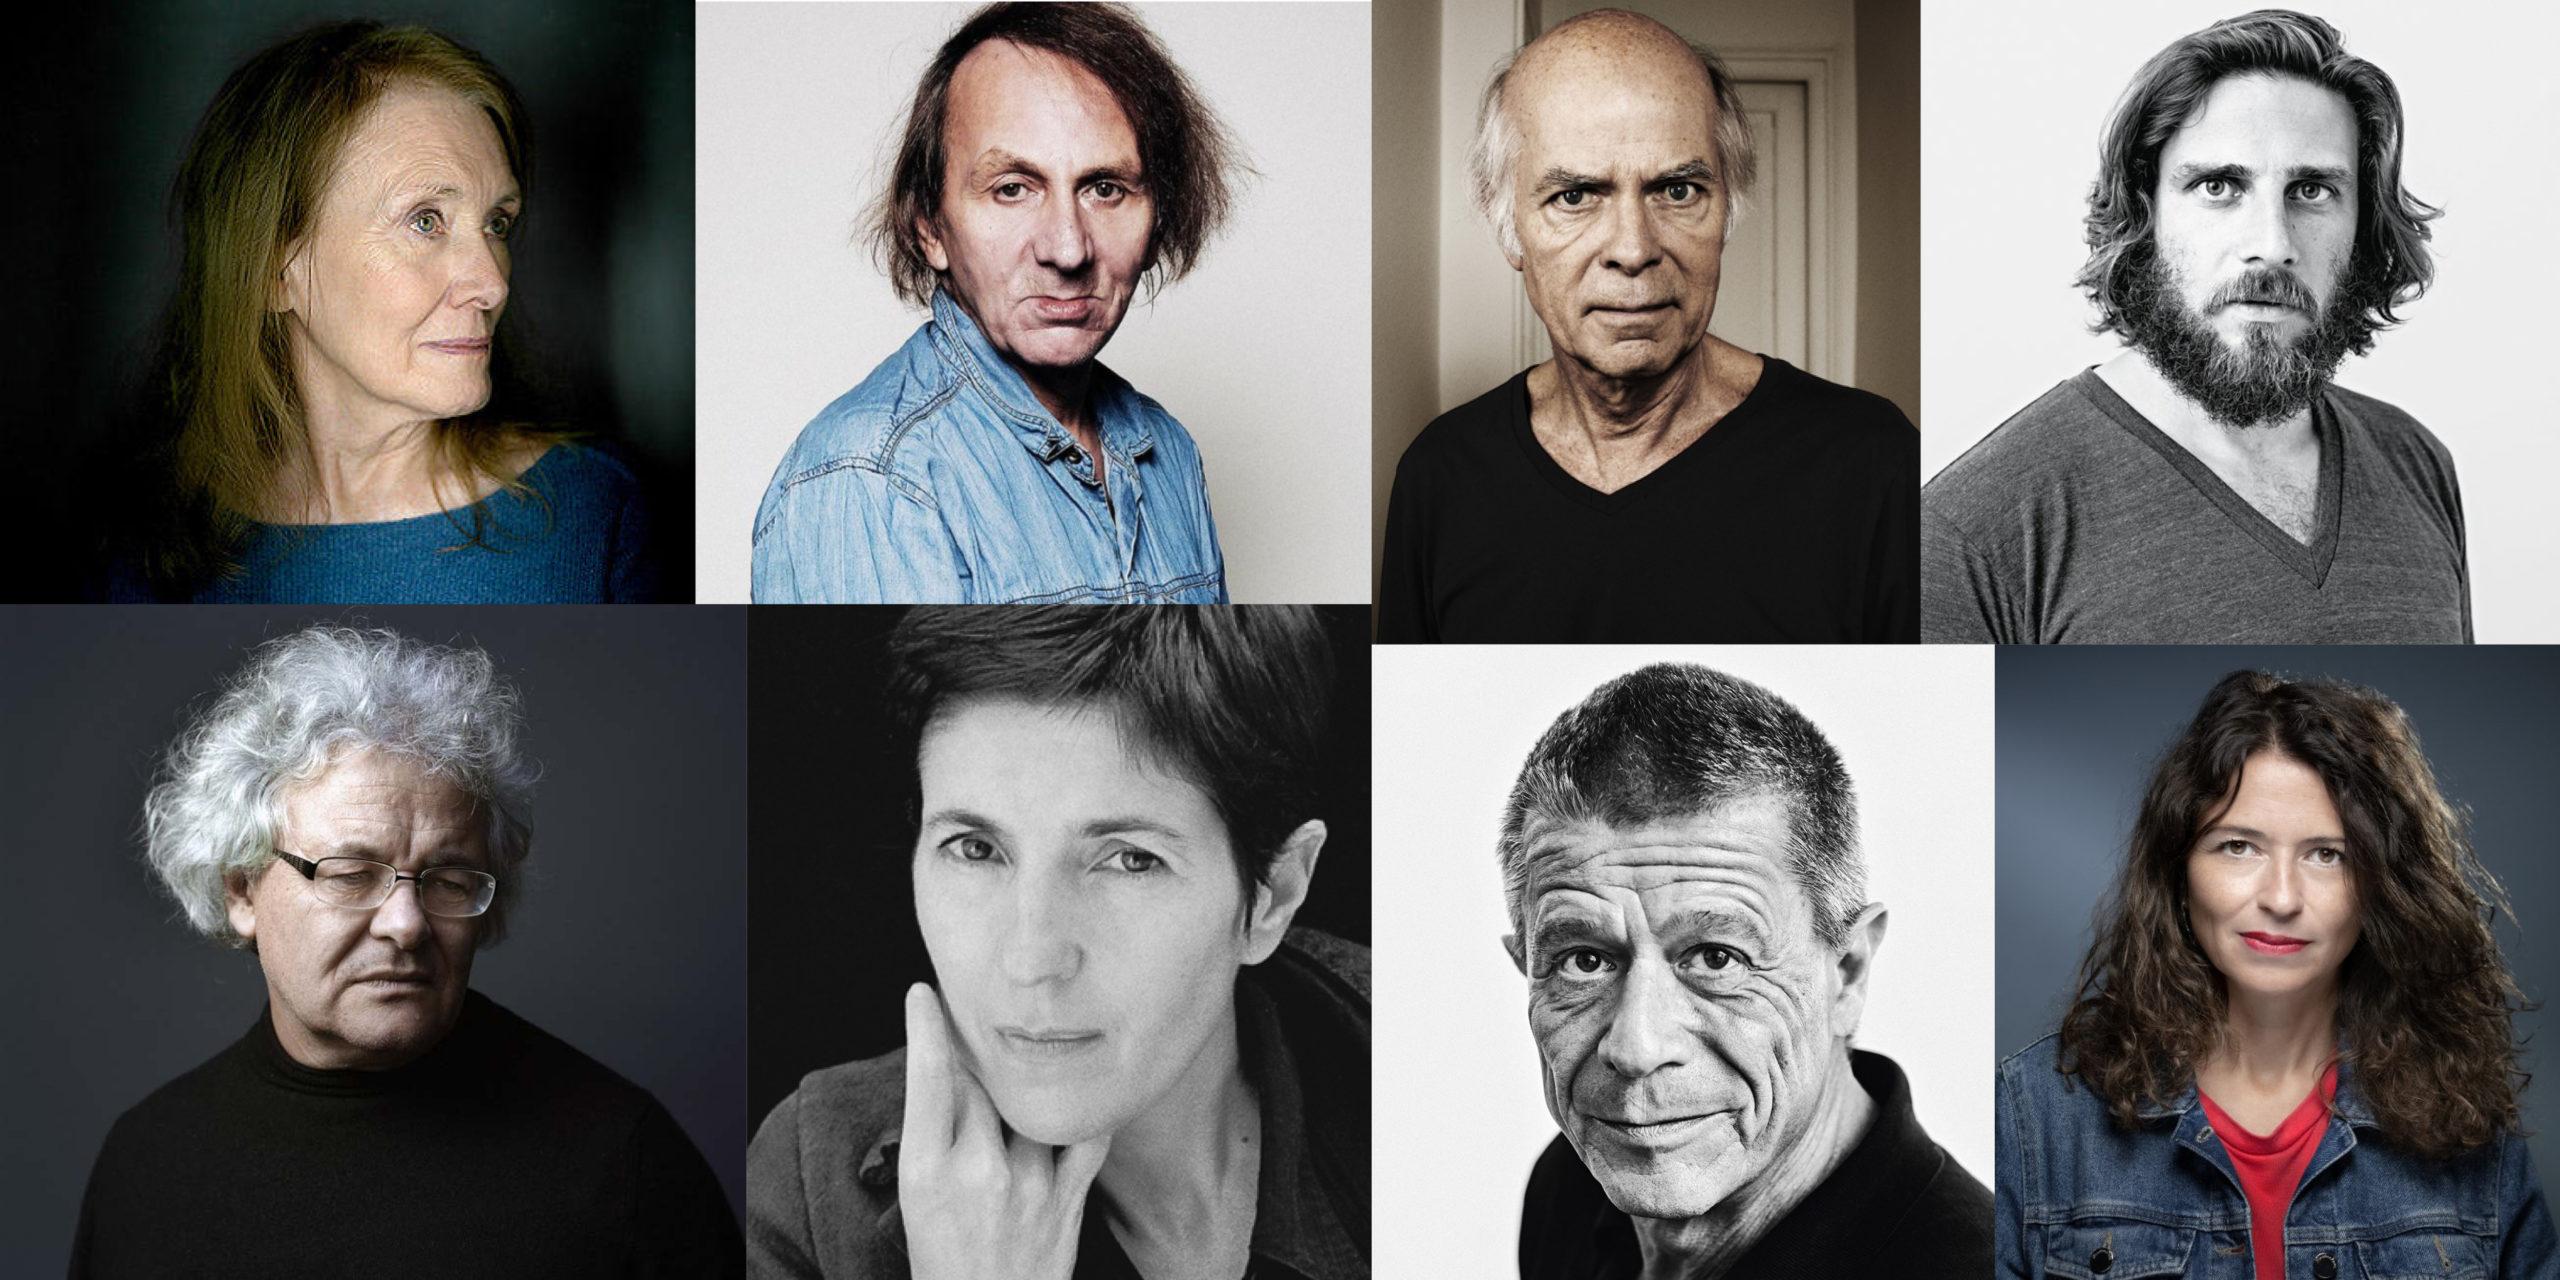 Portraits des écrivains Annie Ernaux, Michel Houellebecq, Aurélien Bellanger, François Bon, Pascal Quignard, Christine Angot, Emmanuel Carrère, Karine Tuil.